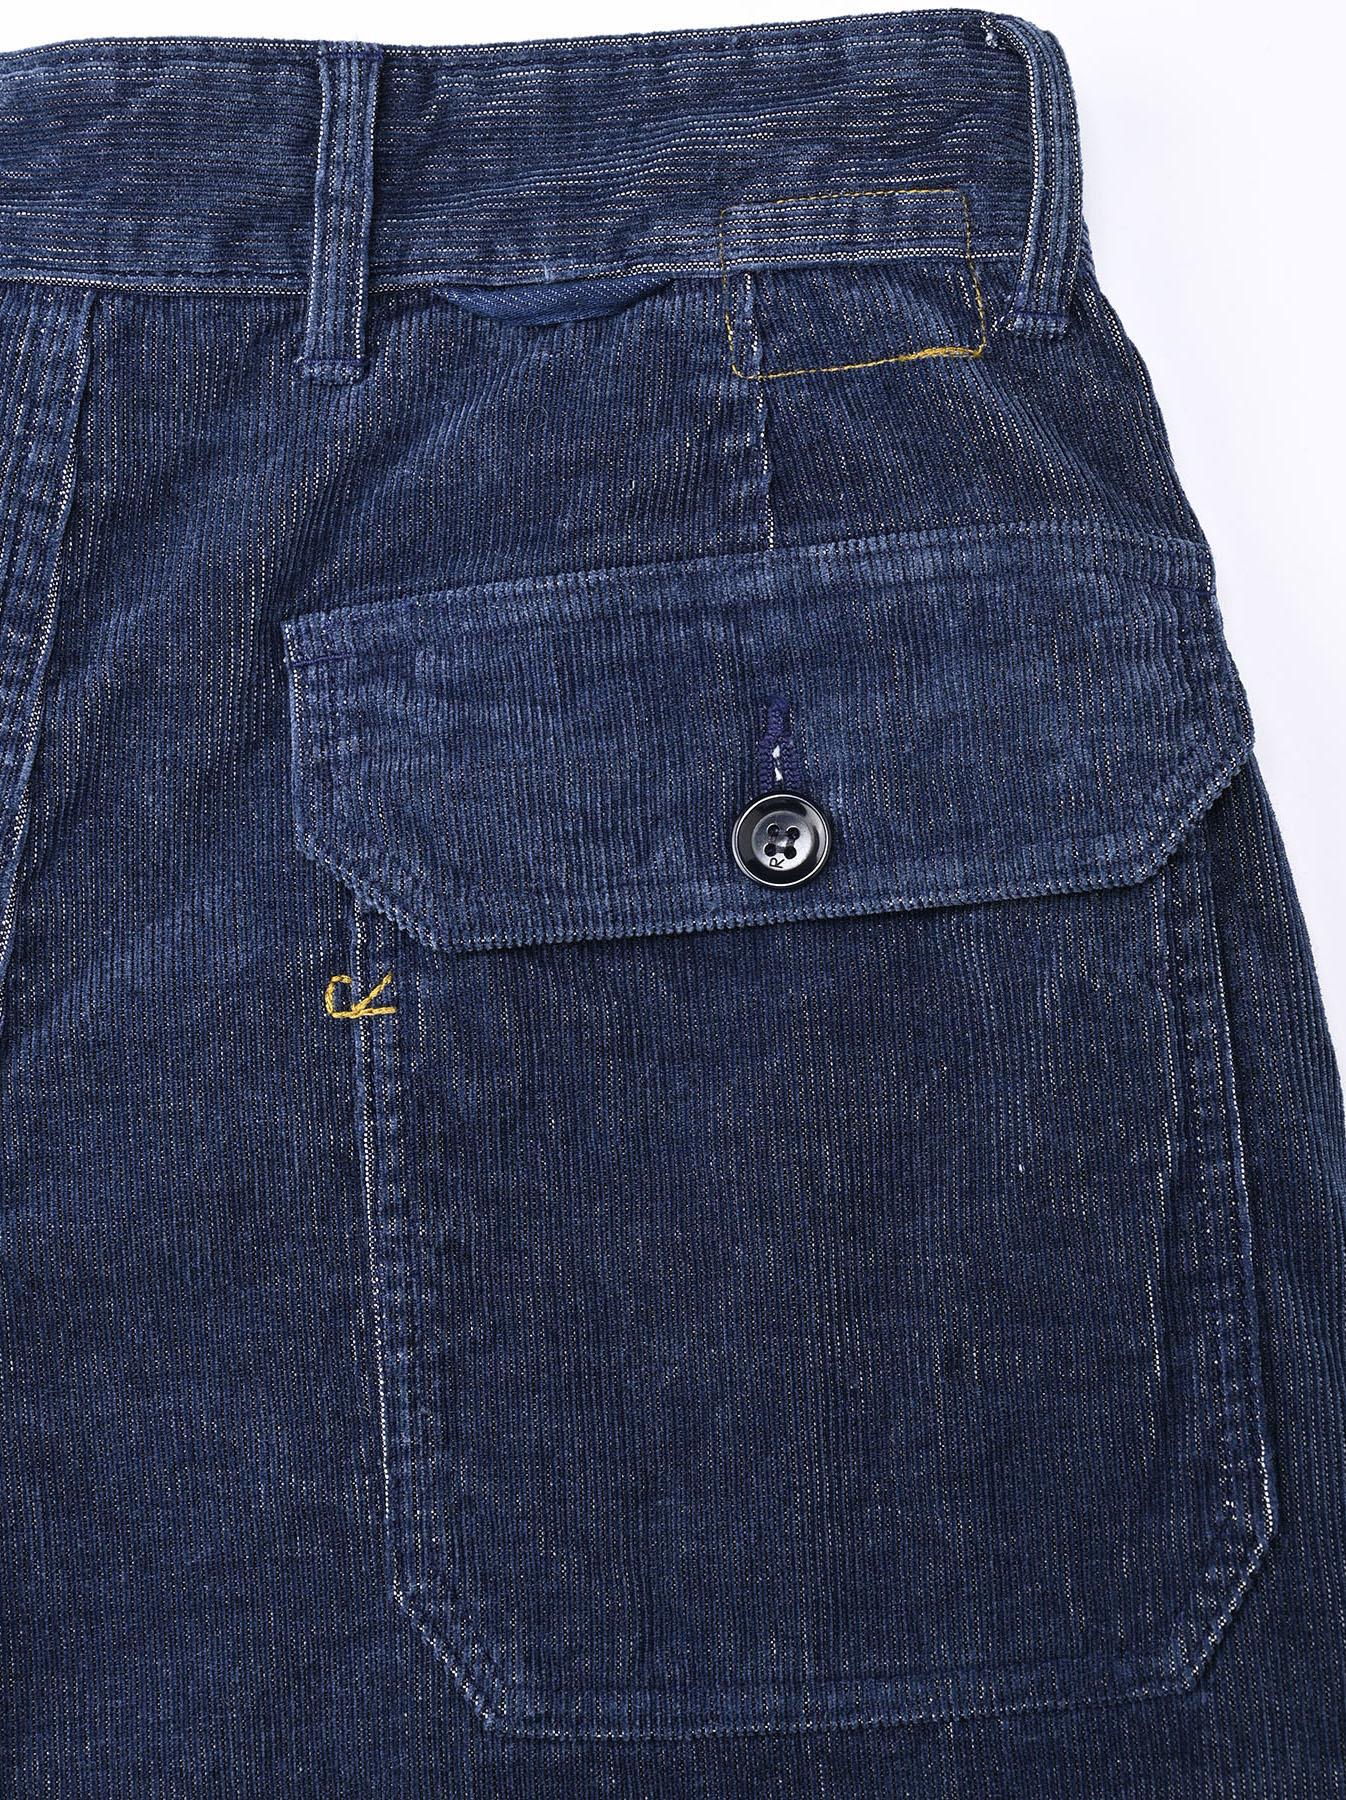 Indigo Corduroy 908 Baker Pants-11